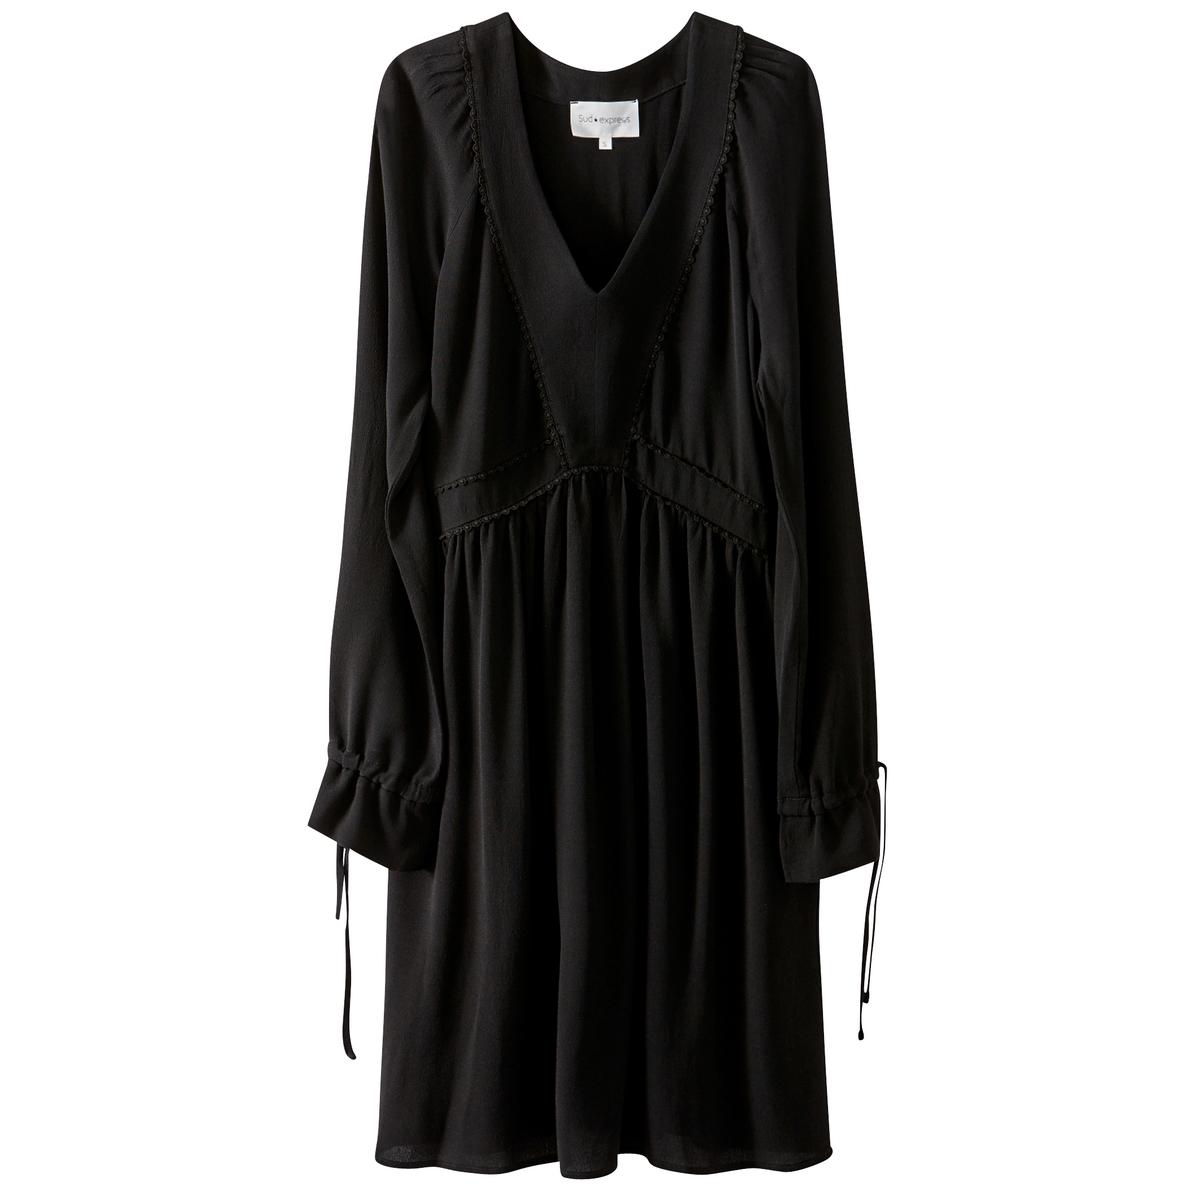 Платье однотонное средней длины, расширяющееся к низуДетали •  Форма : расклешенная •  Длина до колен •  Длинные рукава    •   V-образный вырезСостав и уход •  43% вискозы, 57% полиамида •  Следуйте советам по уходу, указанным на этикетке<br><br>Цвет: черный<br>Размер: XS